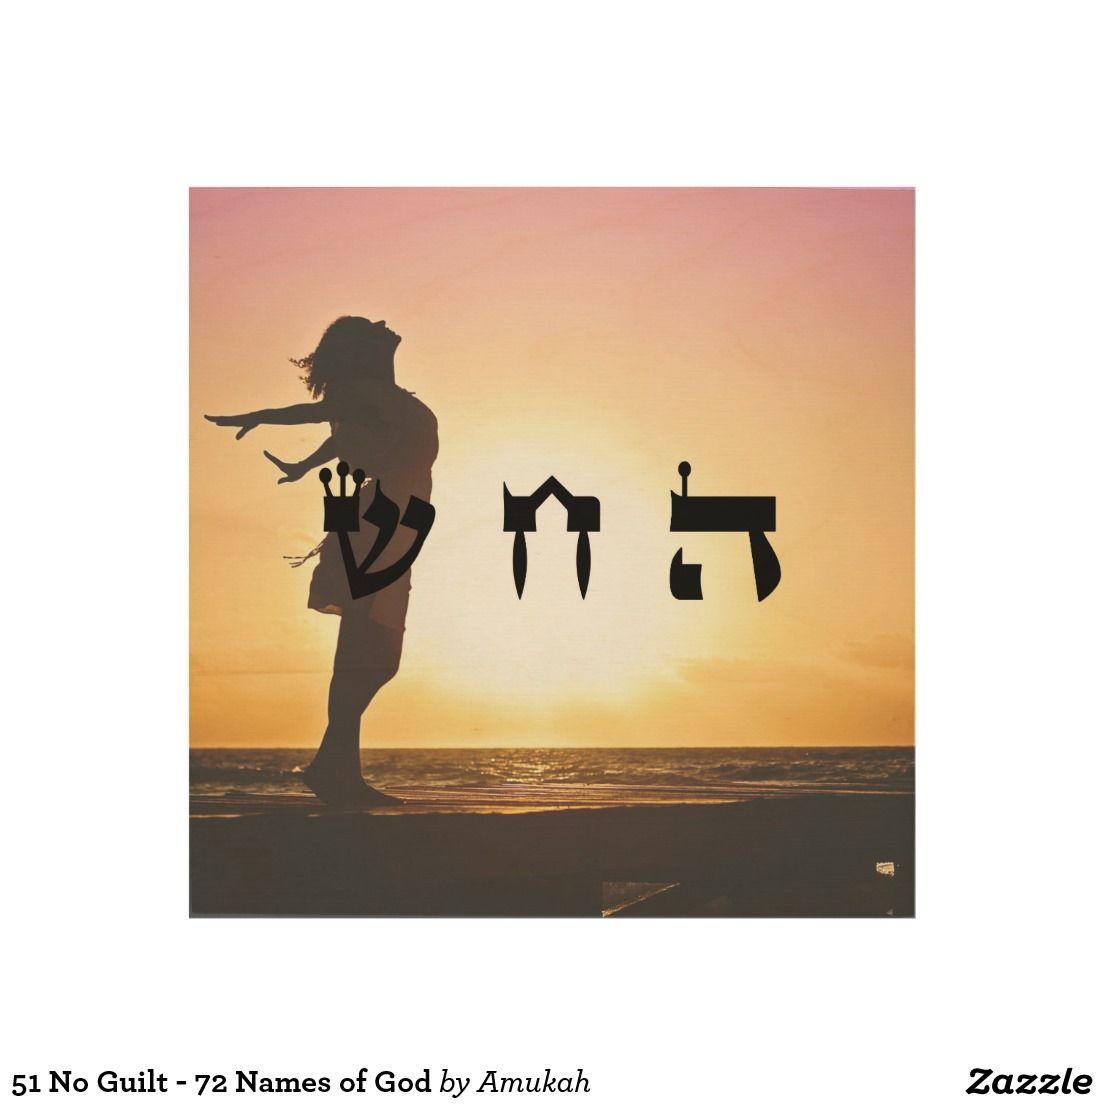 51 No Guilt - 72 Names of God Wood Wall Decor | Pinterest | Wood walls